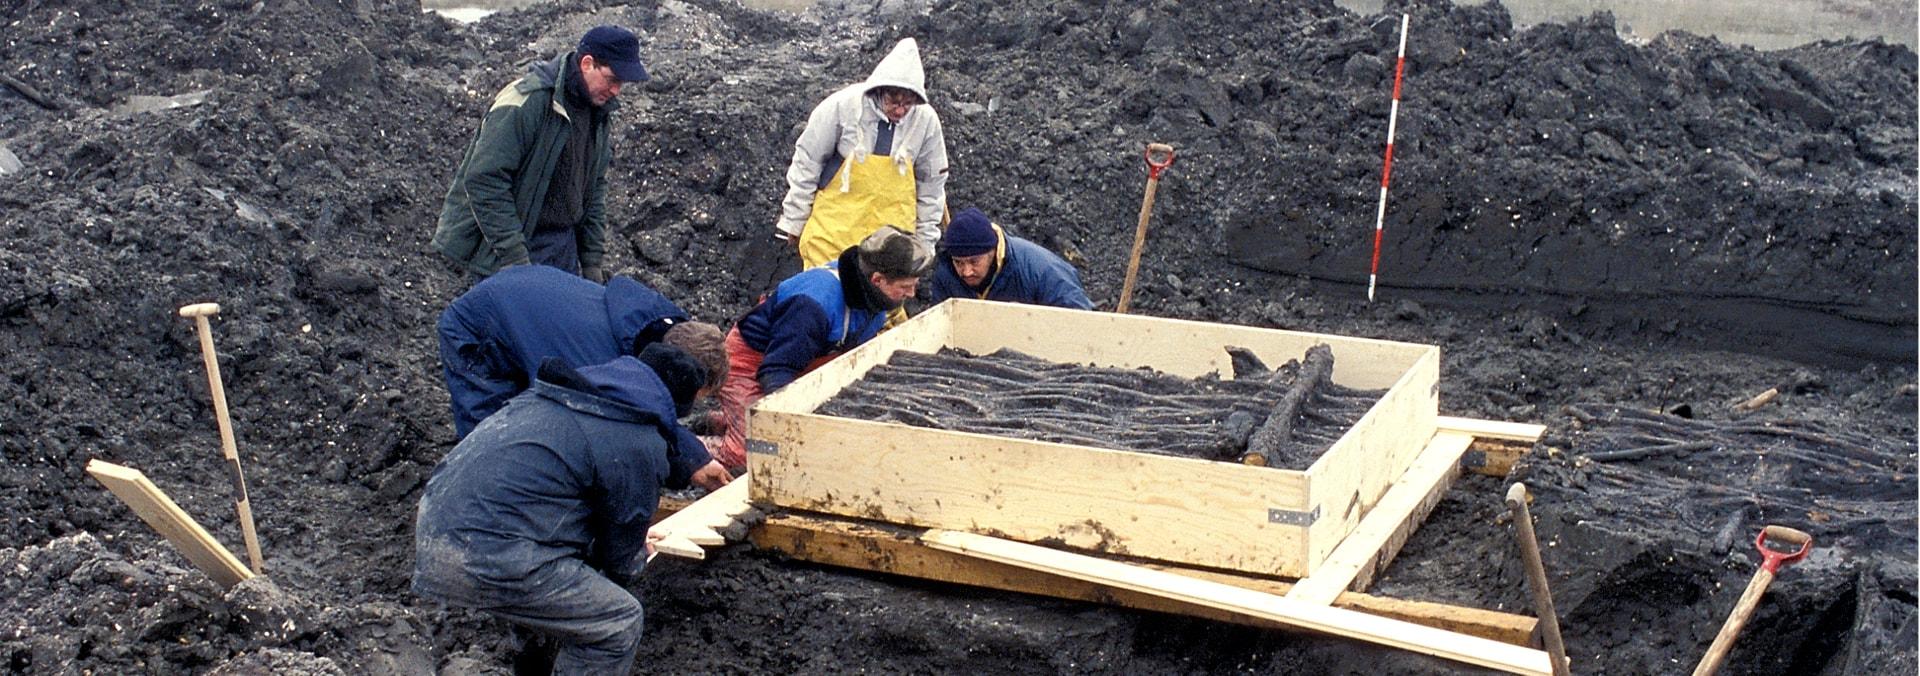 Fiskegærdet fra Slivsø – fiskeri i stenalderen